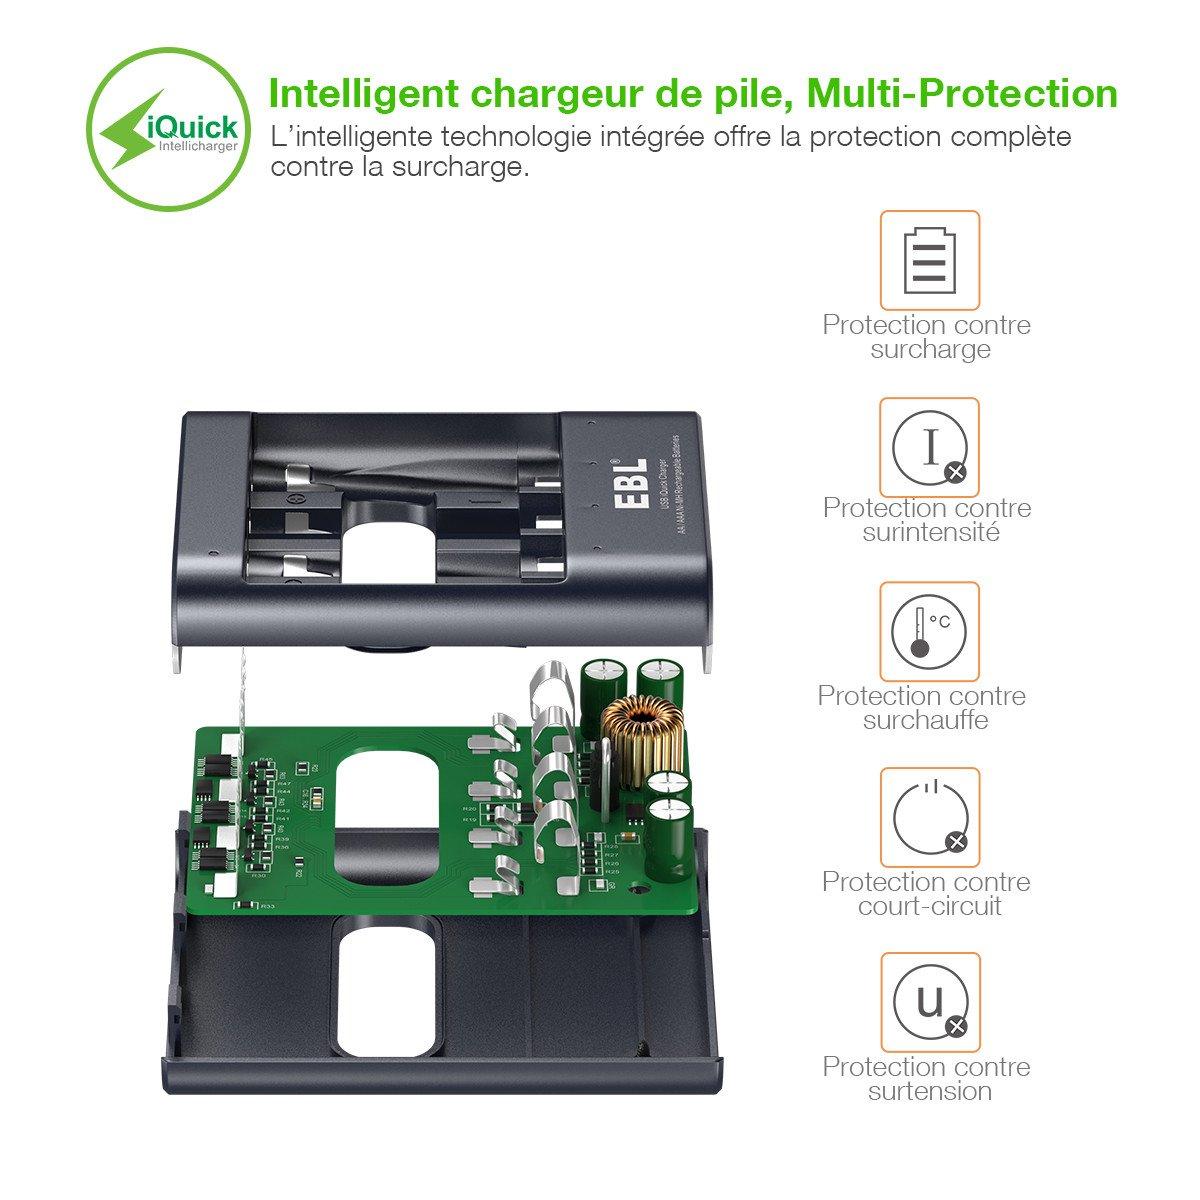 EBL iQuick chargeur de pile rechargeable AA/AAA 40min de charge pou une pile avec lot de 4 piles rechargeables AAA 1100mAh